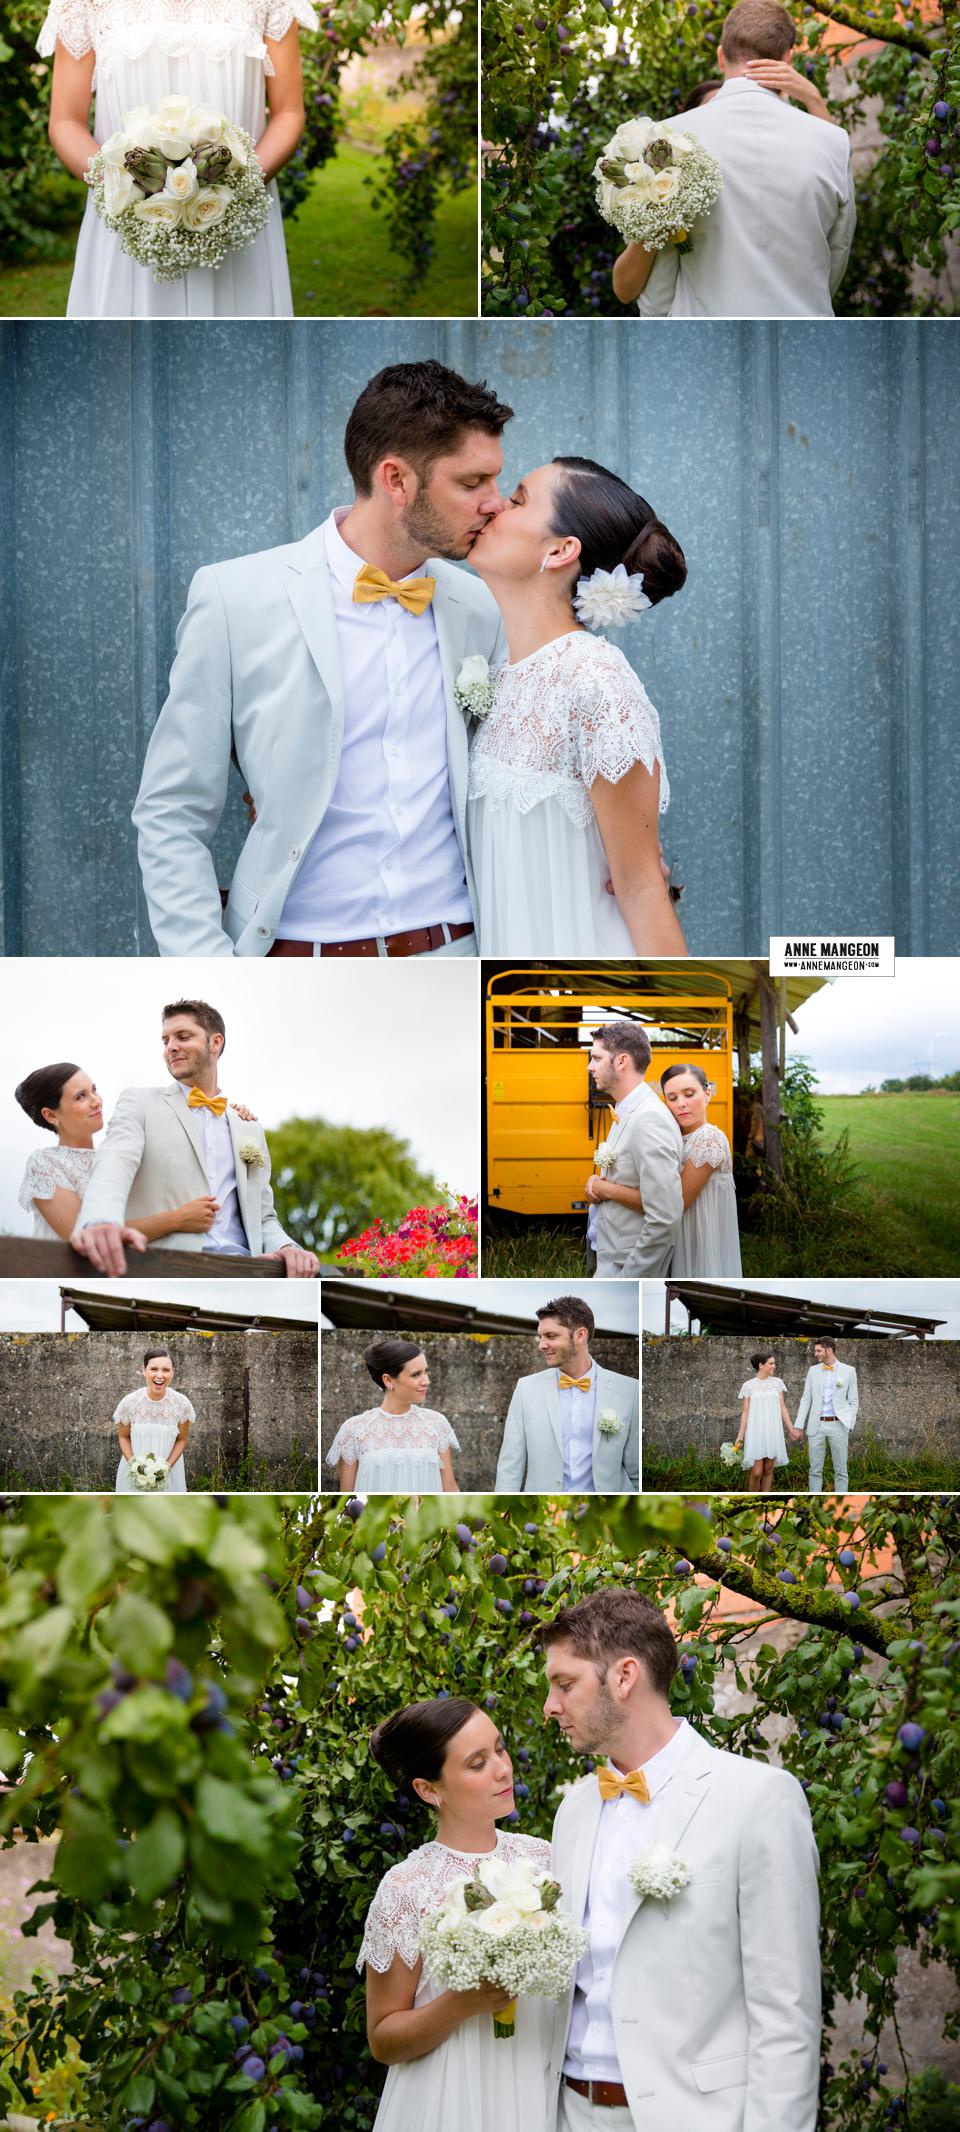 Mariage champêtre à Suisse-03